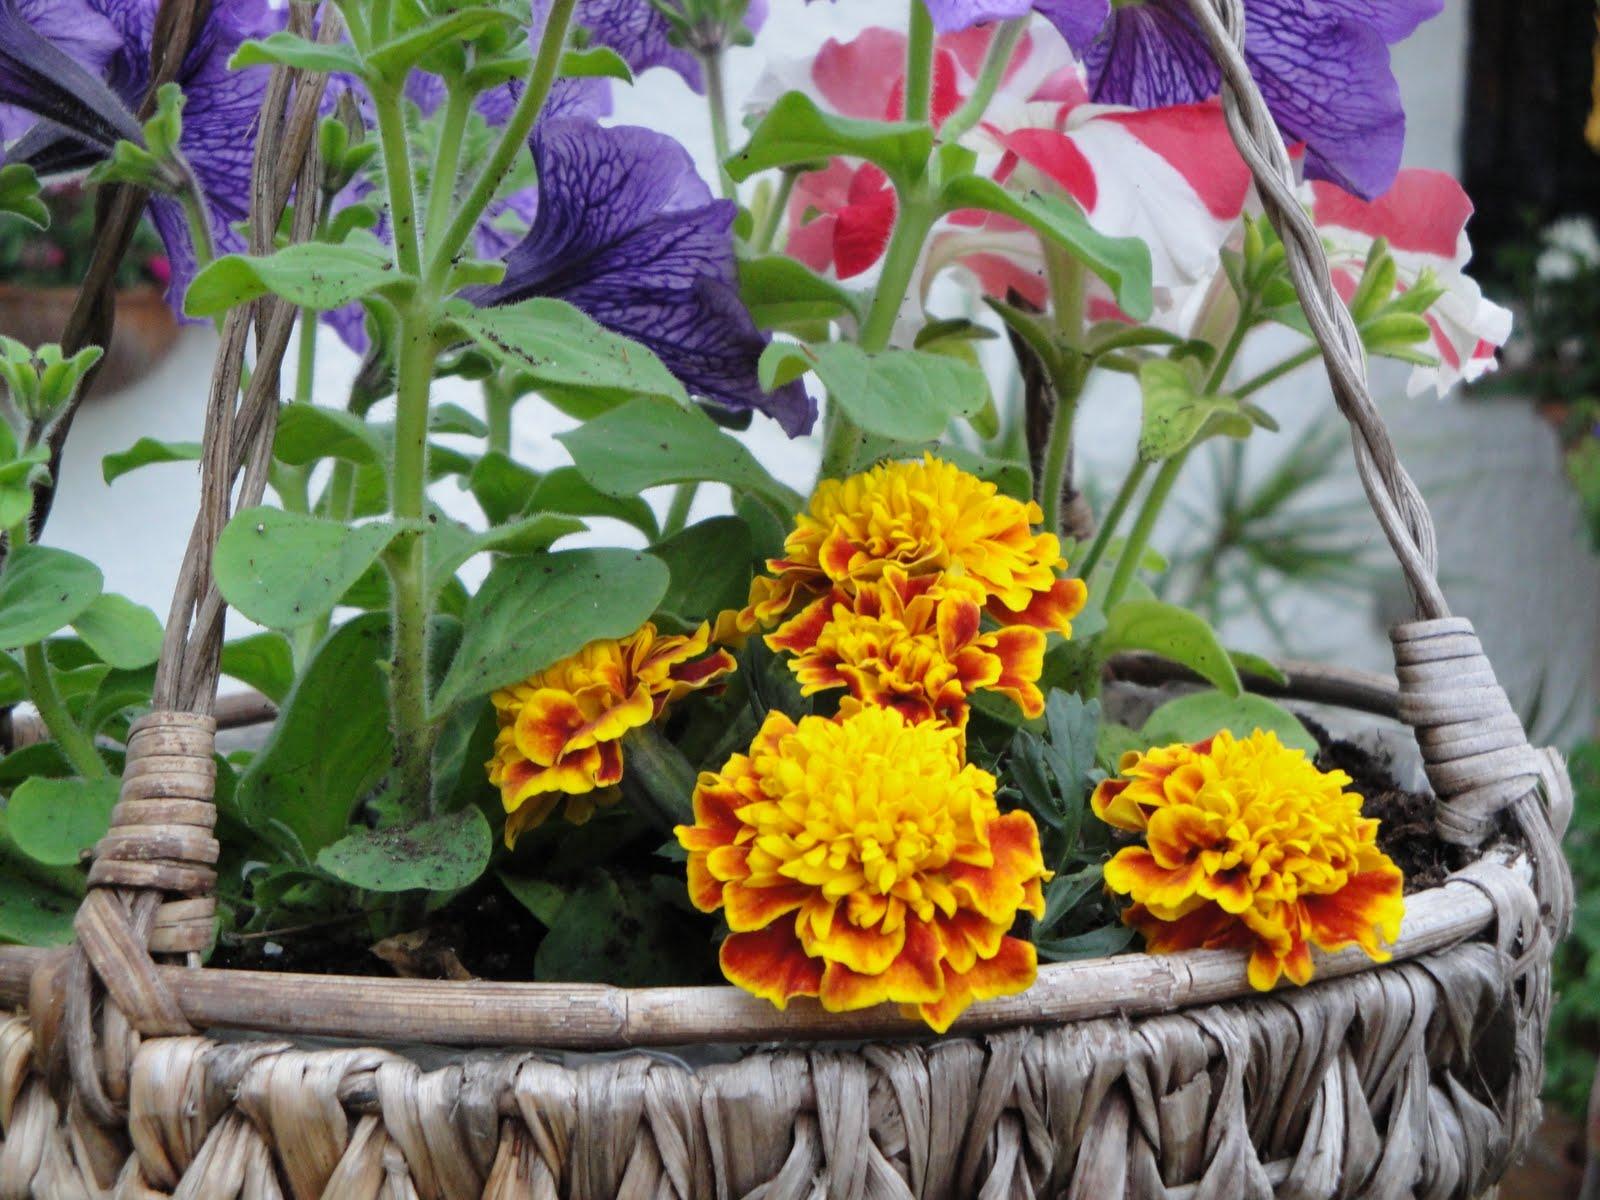 La primavera y las flores caparica memories - Plantas de temporada primavera ...